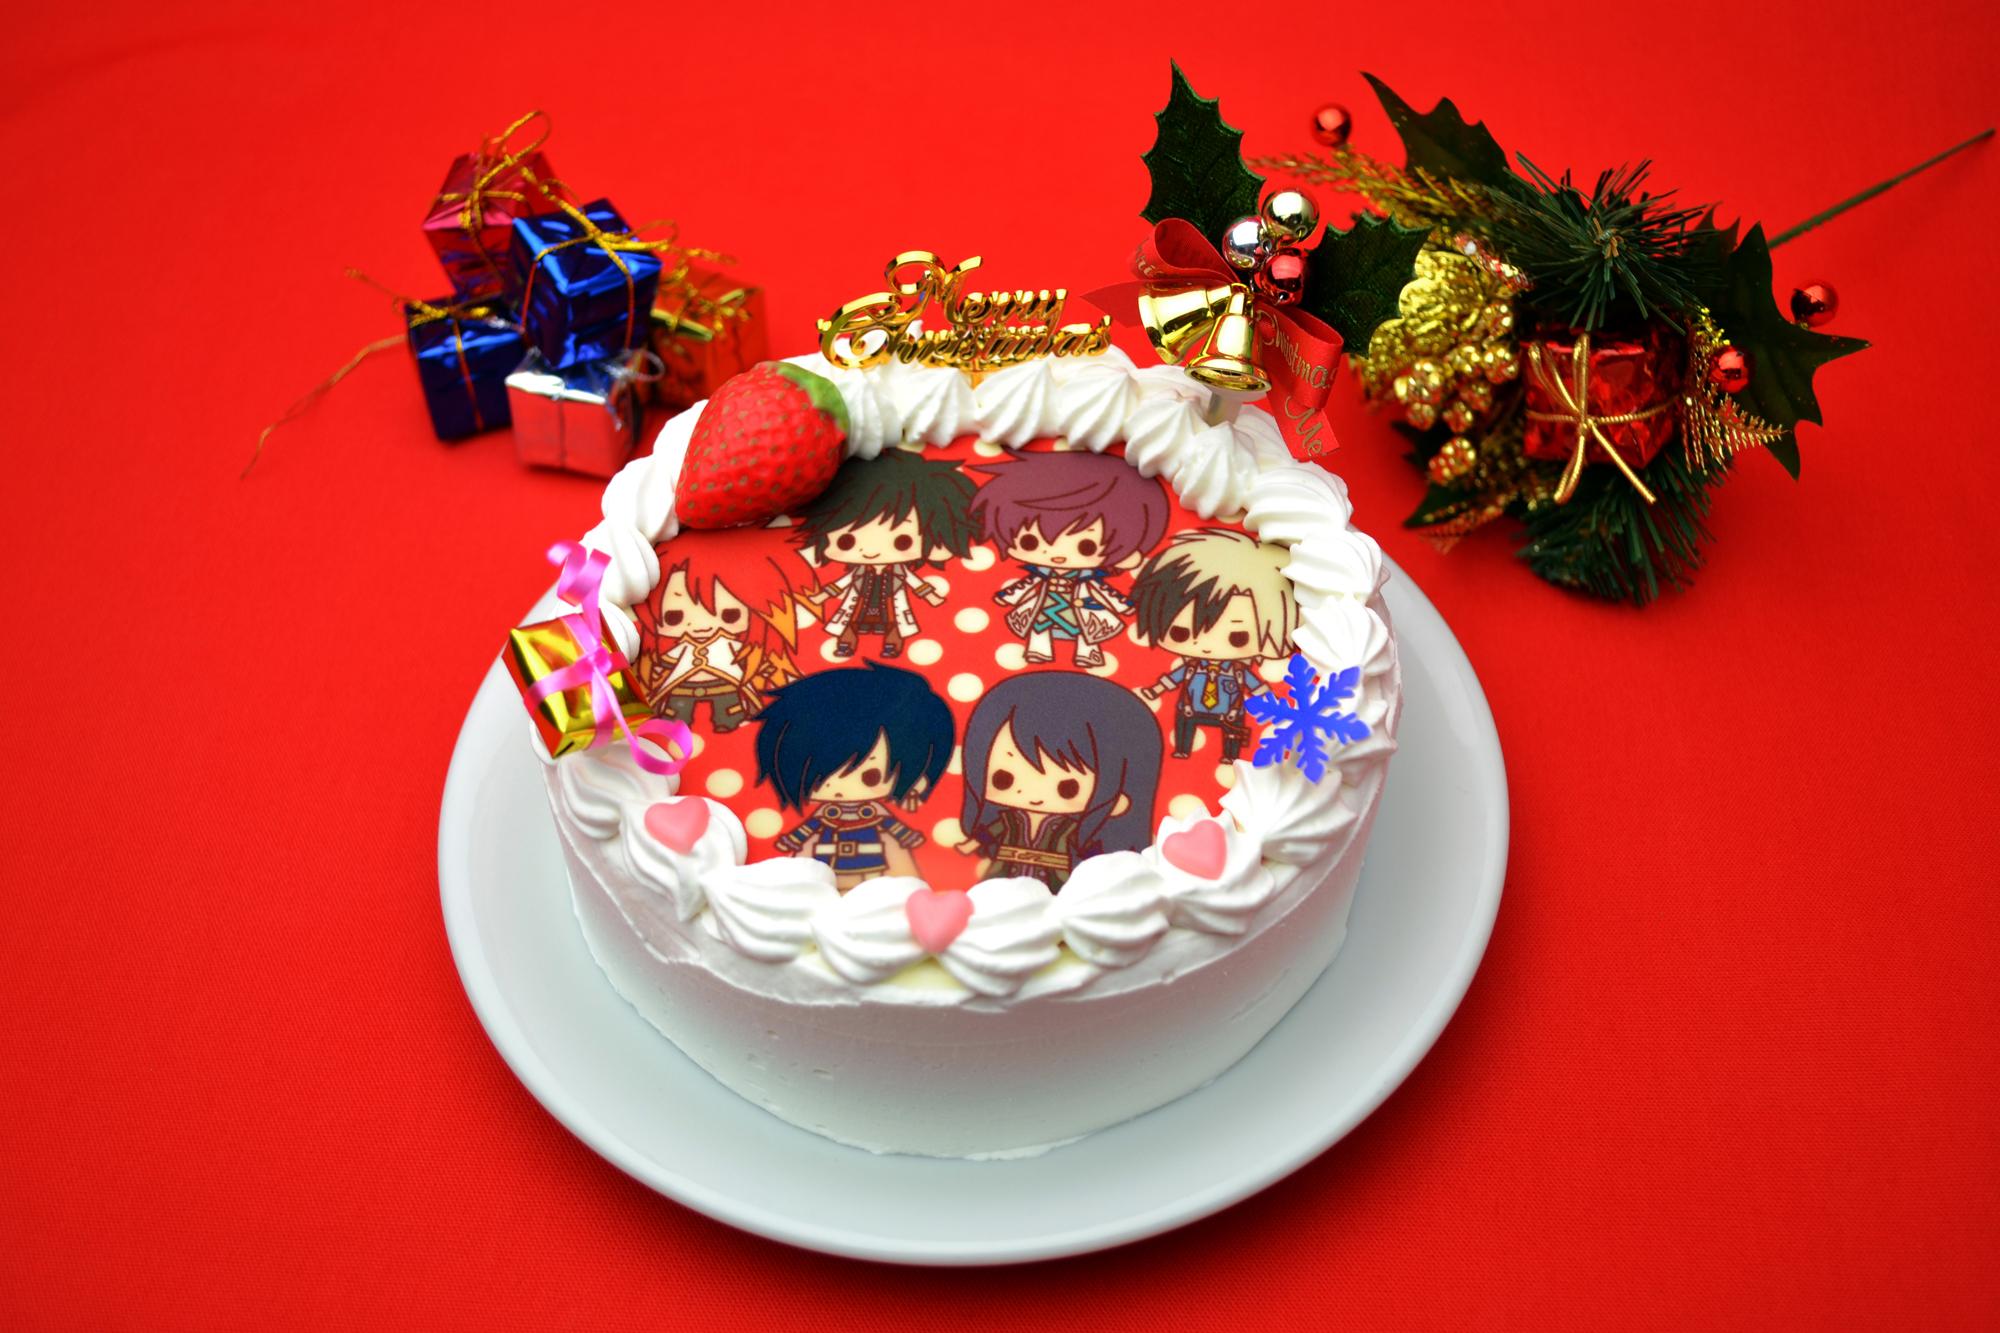 『テイルズ オブ』シリーズのキュートなキャラクター達とクリスマスをお祝いしよう! 「テイルズ オブ フレンズ 2014限定クリスマスケーキ」発売決定